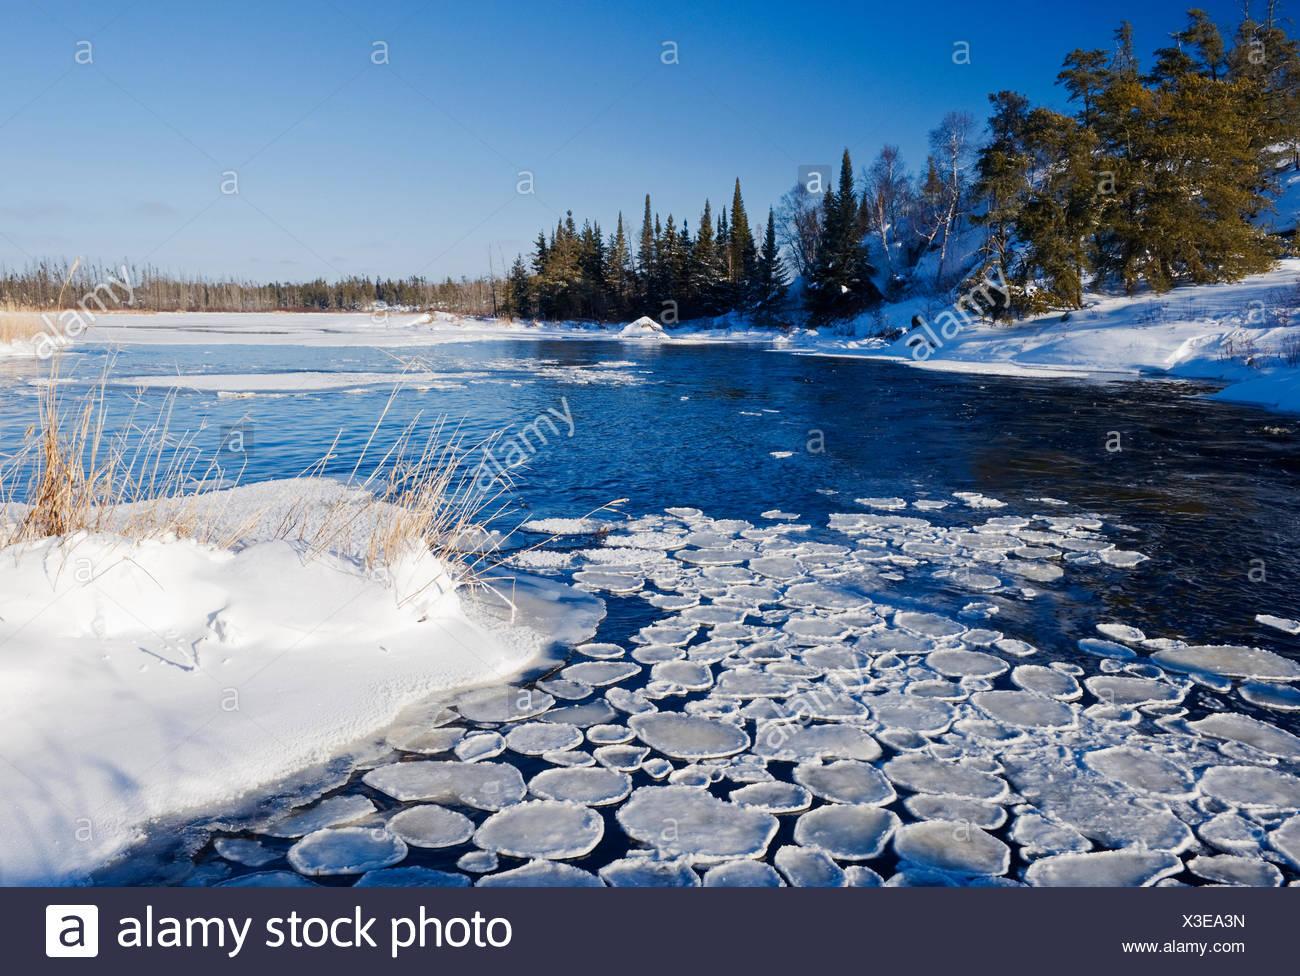 Pan ghiaccio lungo il fiume Whiteshell, Whiteshell Provincial Park, Manitoba, Canada Immagini Stock